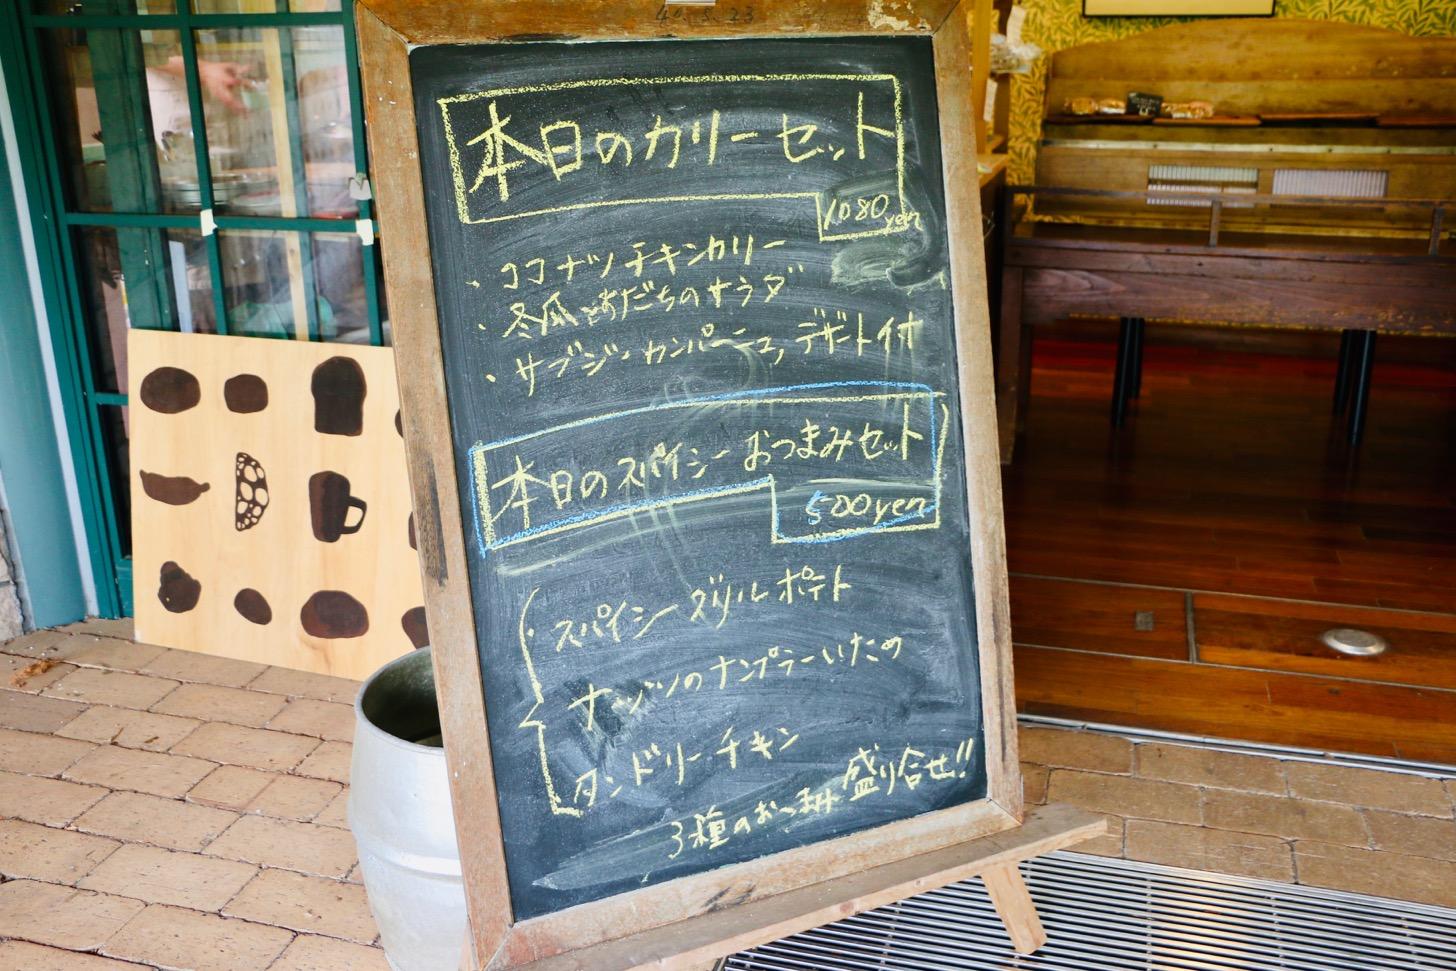 J Smile多摩八角堂のランタンフェスティバル2019 モイベーカリー カリーセット